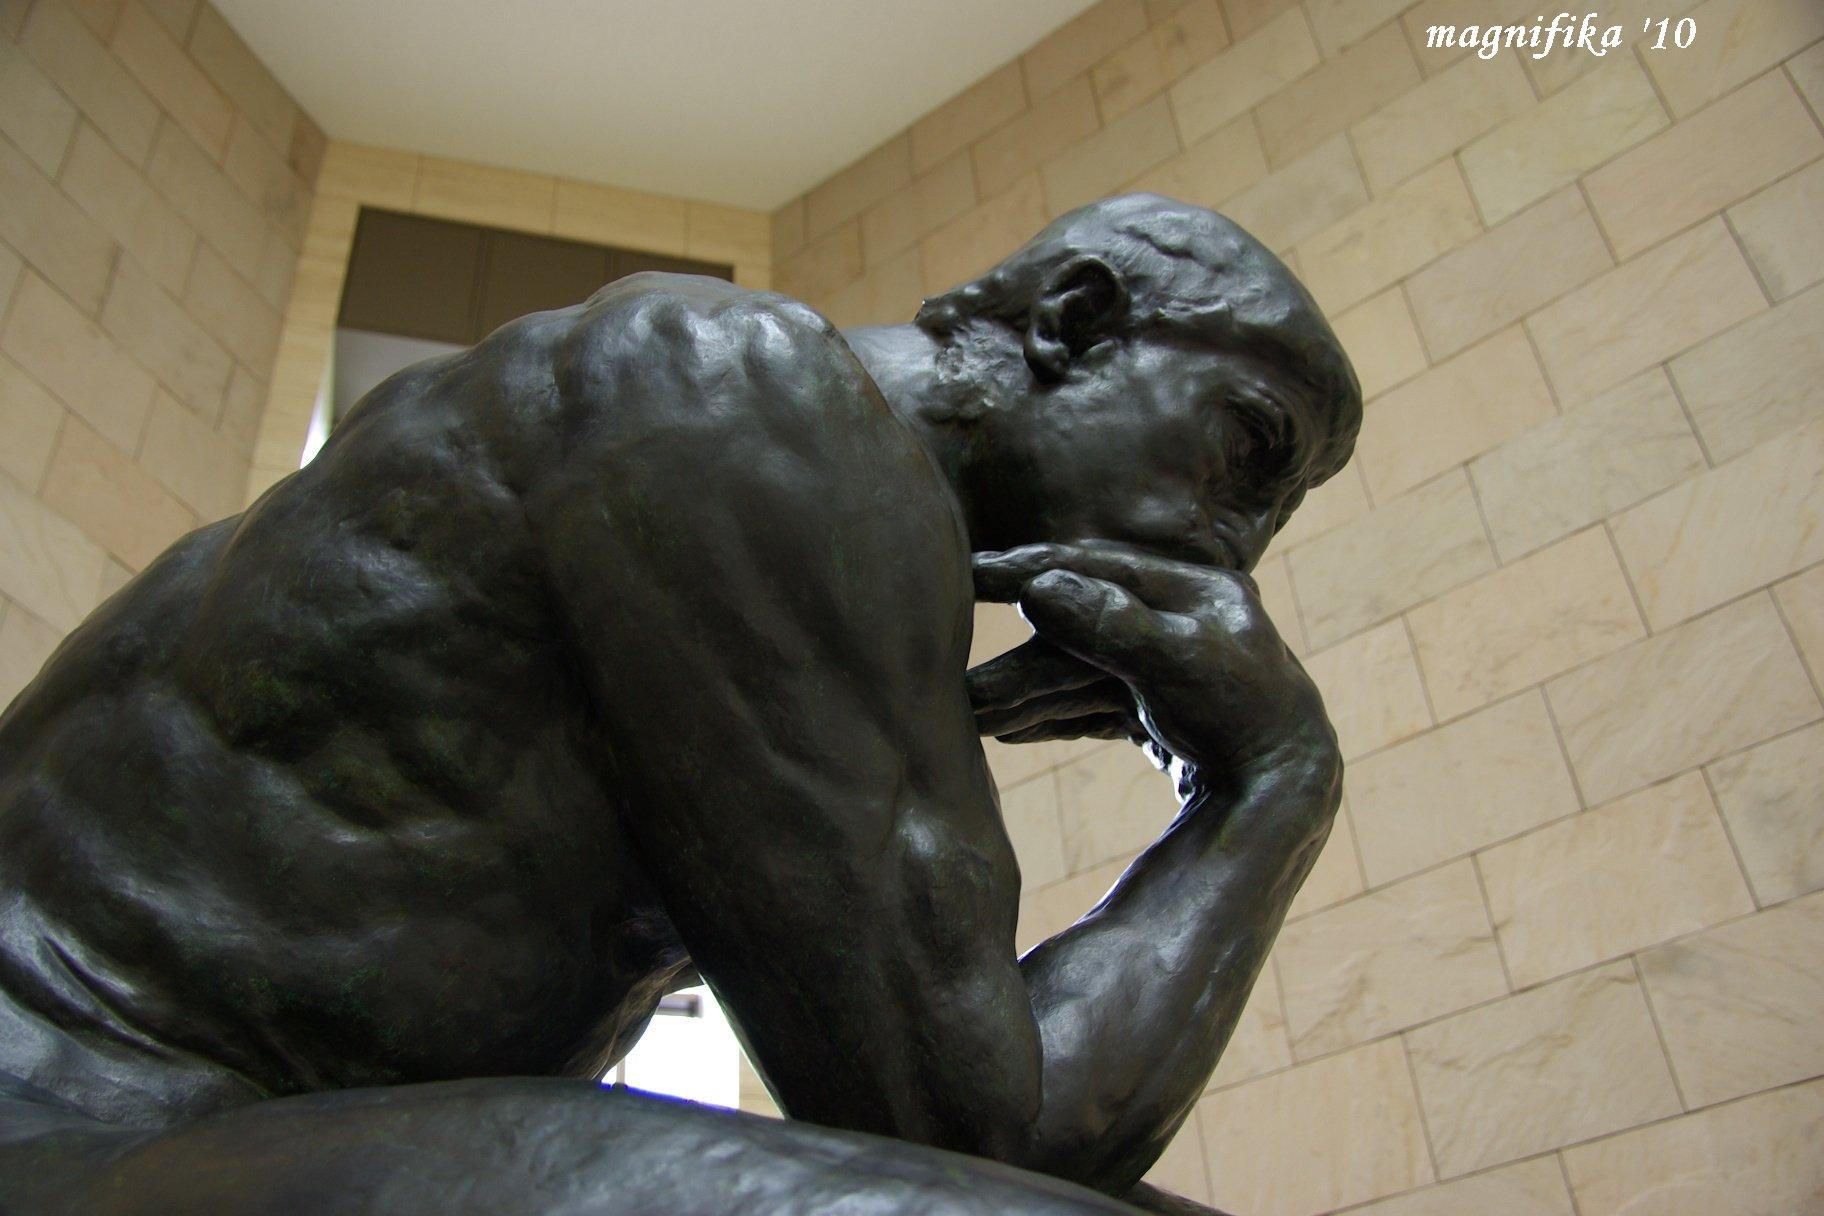 静岡県立美術館 ロダン館-1 Rodin Wing of Shizuoka Pref. Museum of Art_e0140365_20543873.jpg